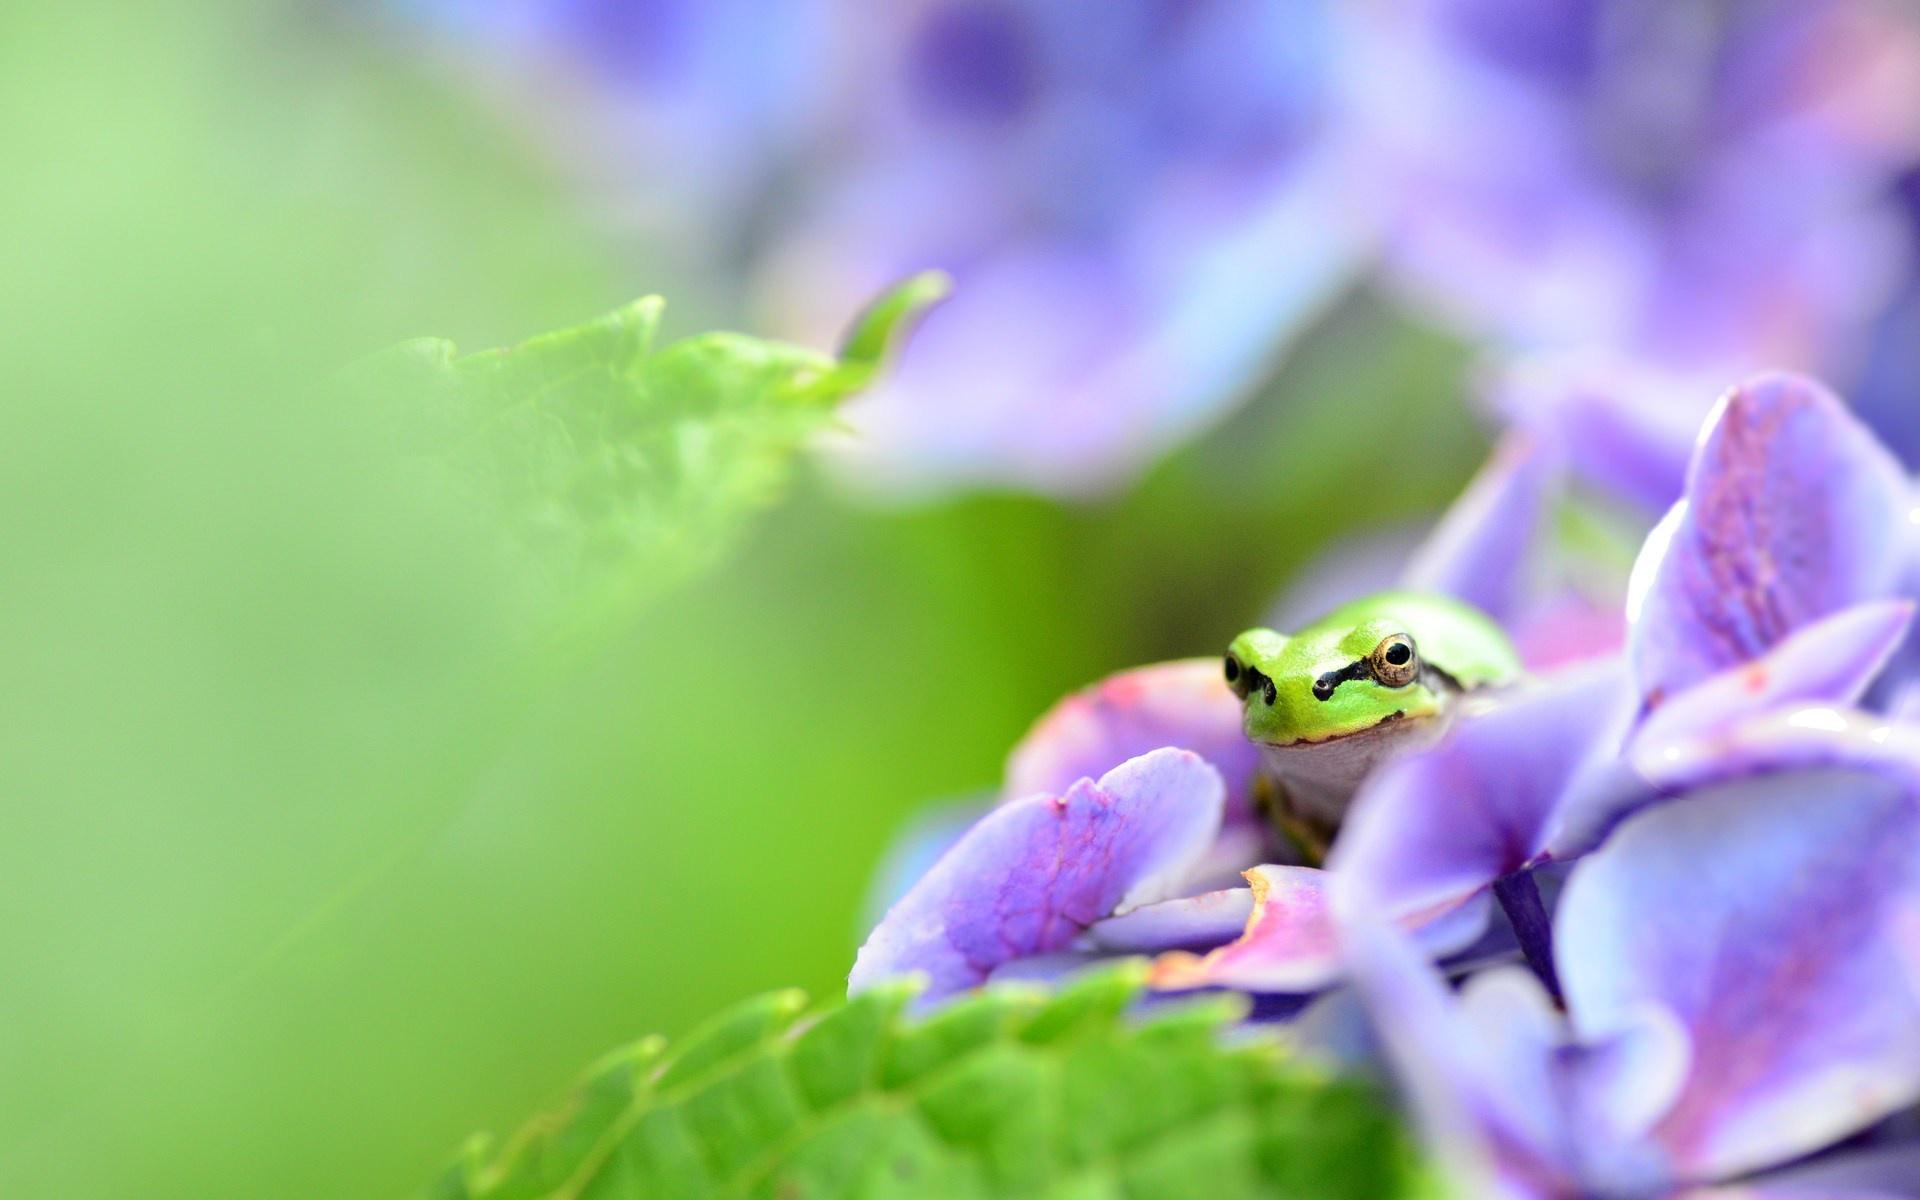 природа цветы животное лягушка  № 3068605 загрузить